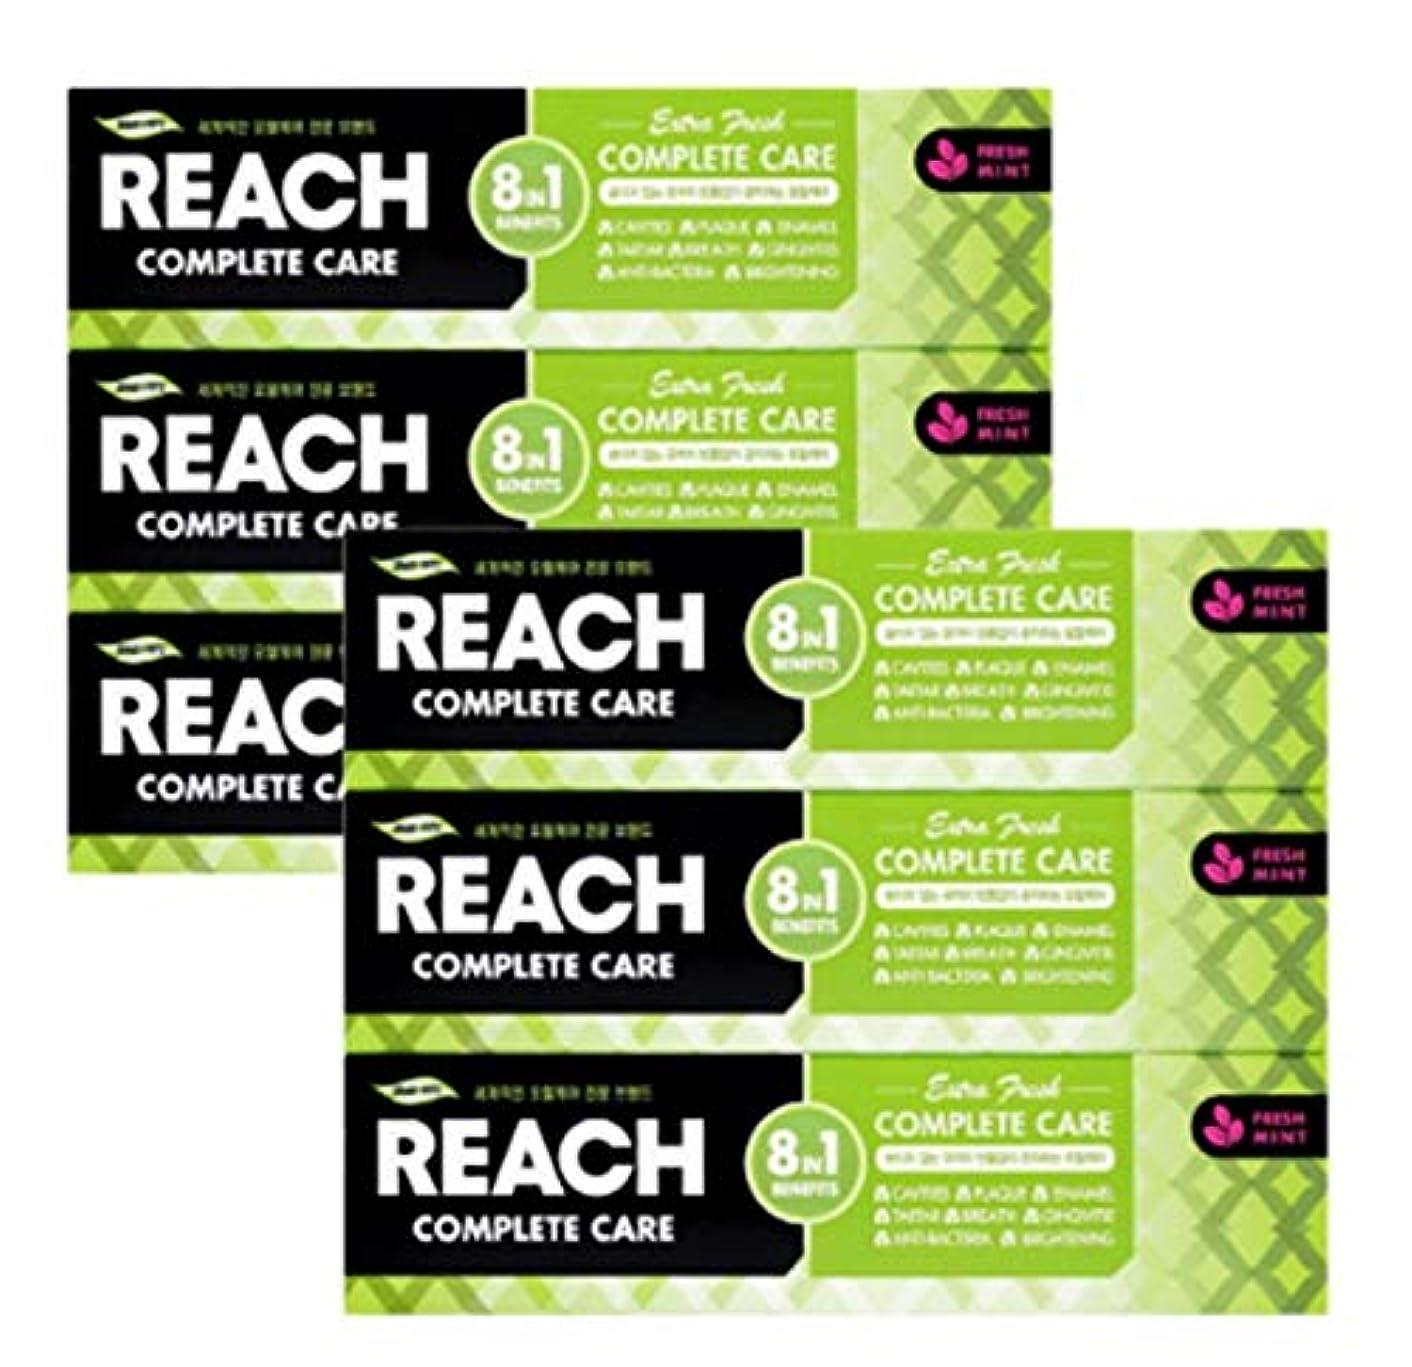 怖がって死ぬクラックリスキーな[LG生活と健康] LG Rich Complete Care Toothpaste Extra Freshリッチコンプリートケア歯磨き粉エクストラフレッシュ120gx6つの(海外直送品)